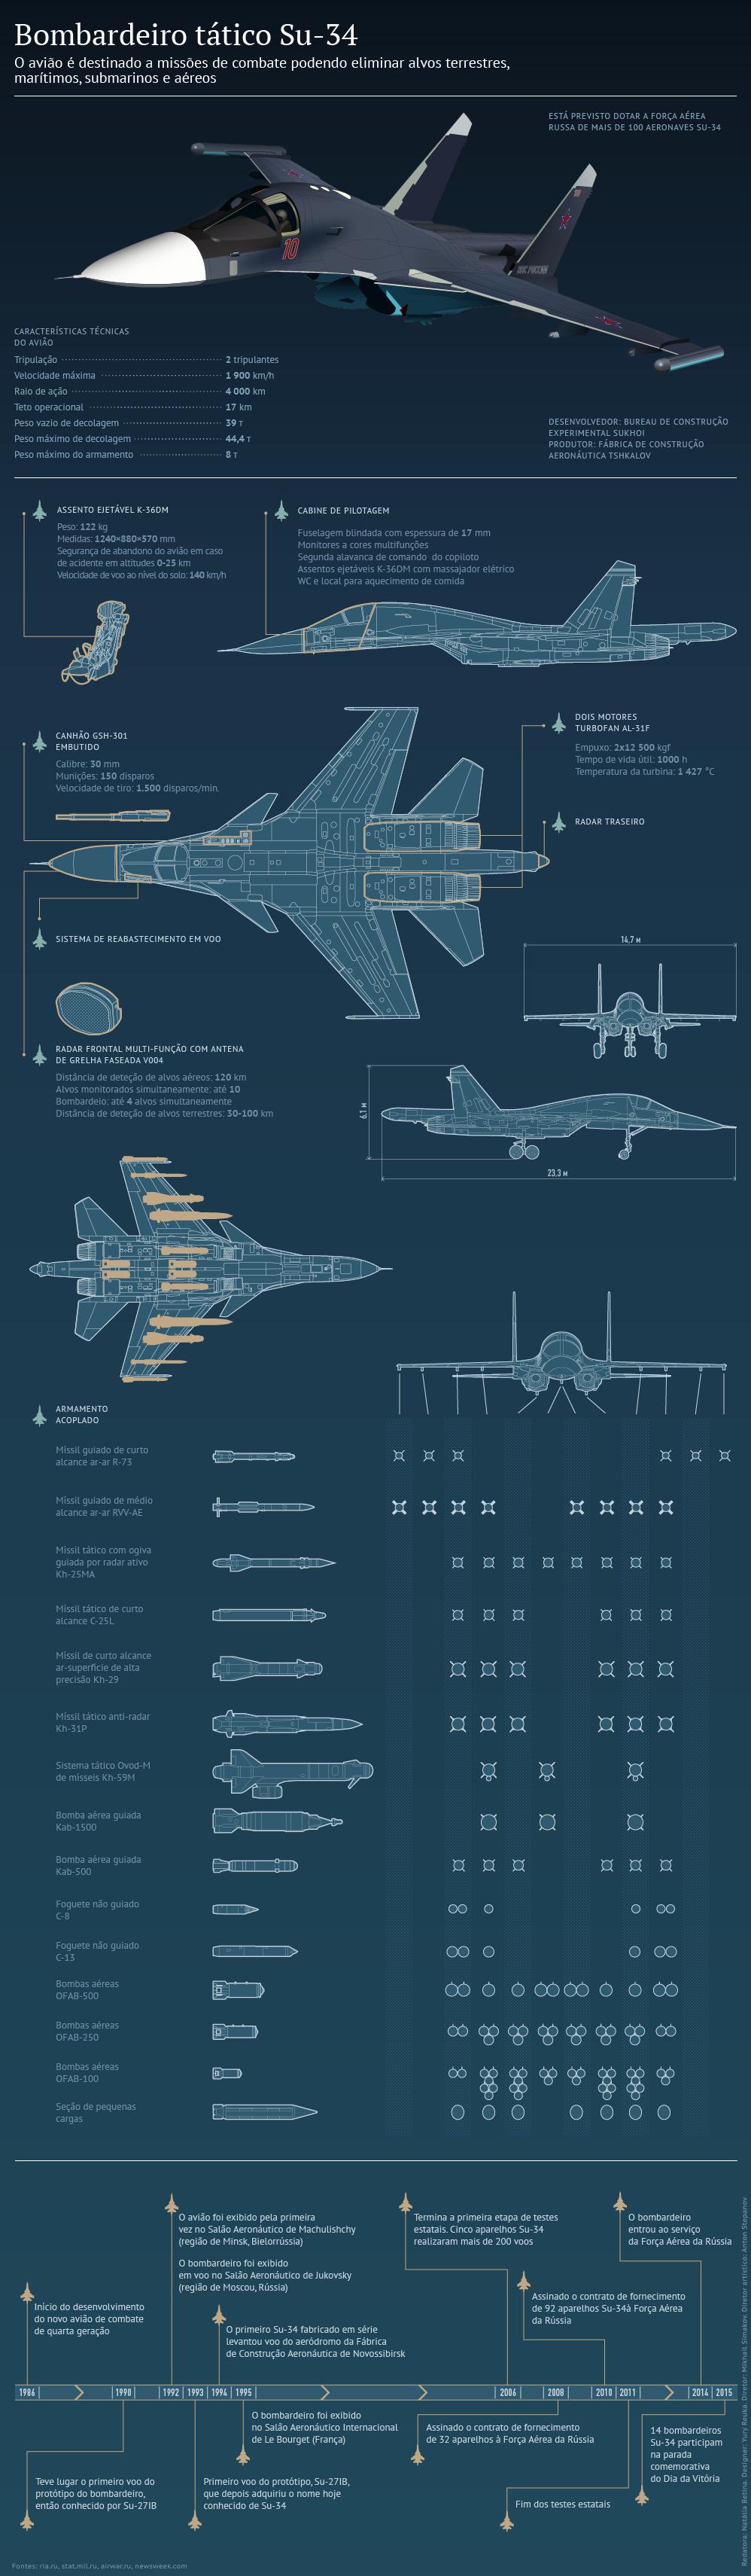 Bombardeiro tático Su-34